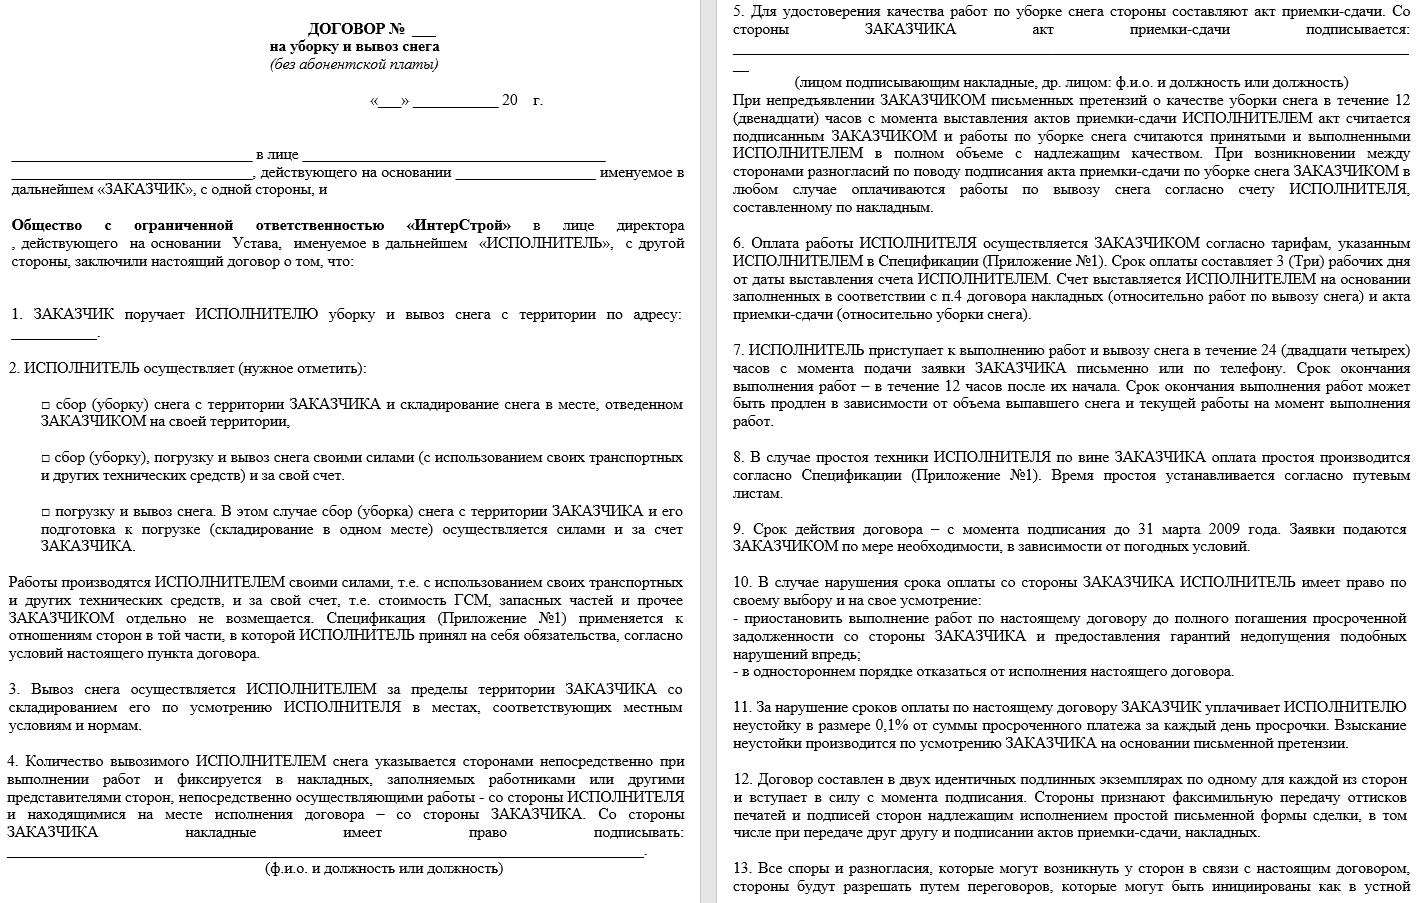 Образец договора на уборку территории от снега простой